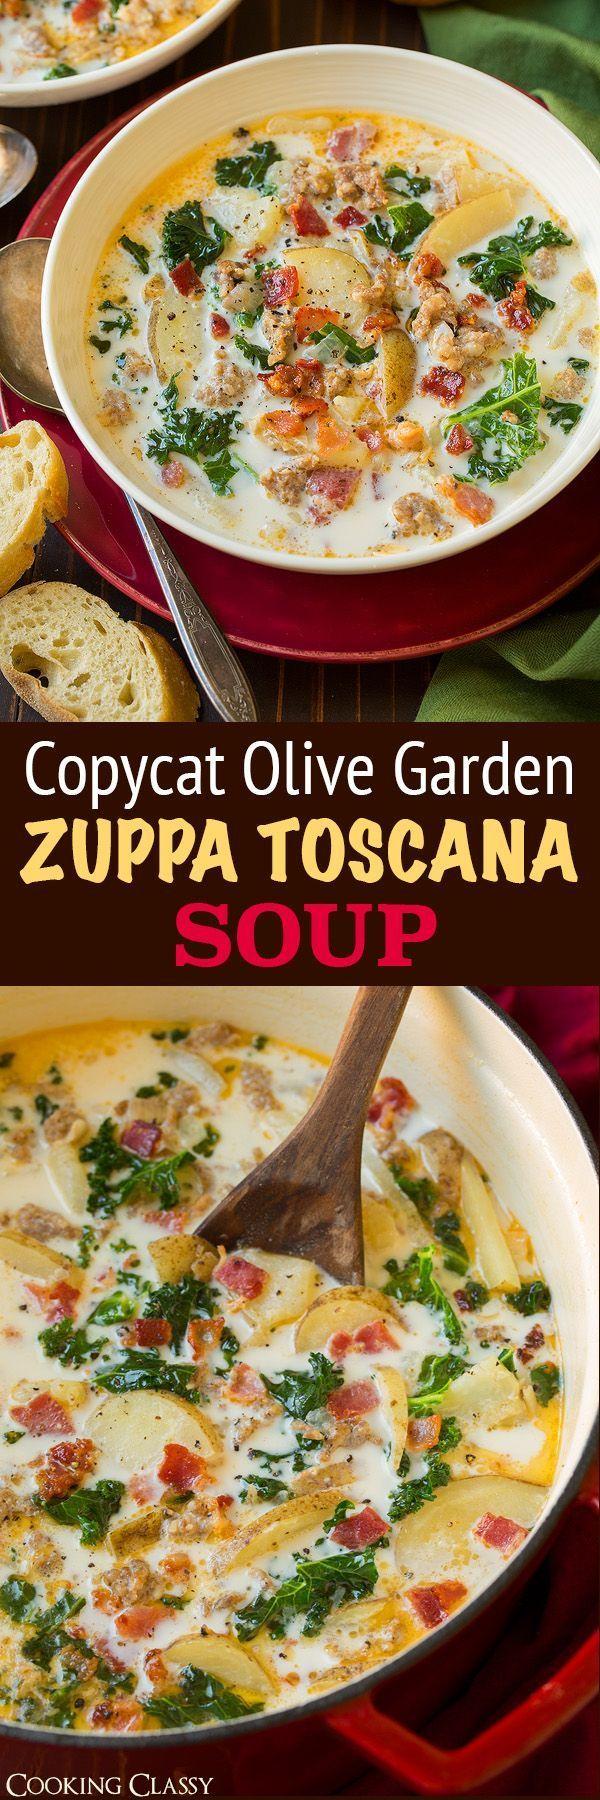 Zuppa Toscana Soup Recipe (Olive Garden Copycat)   Zuppa toscana ...